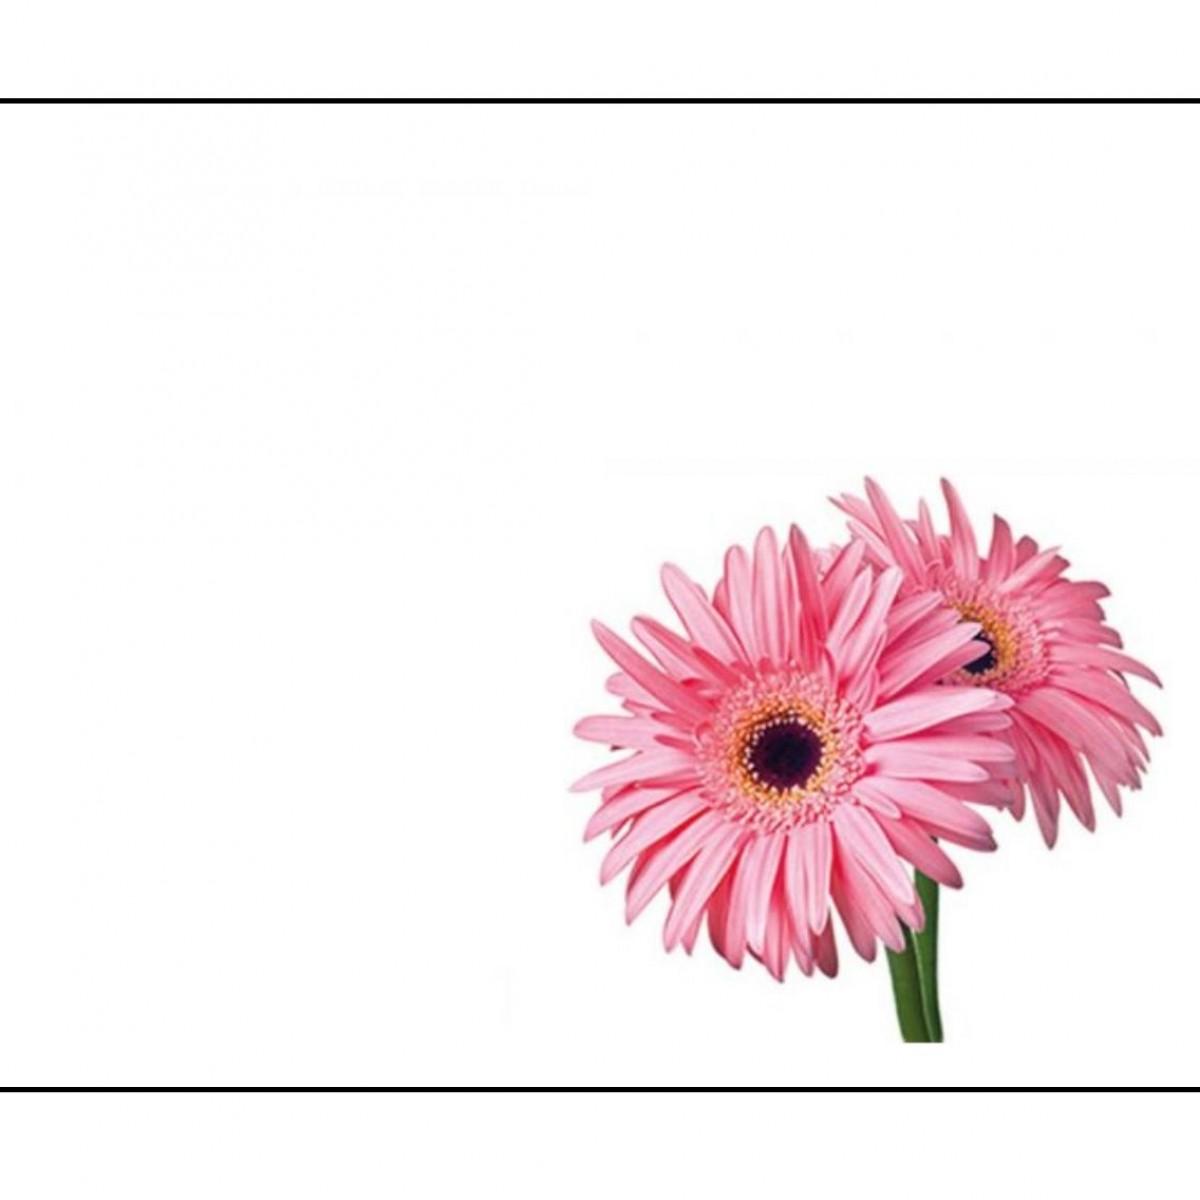 4514 Gerberas Pink 9x6cm 50x1 Cards